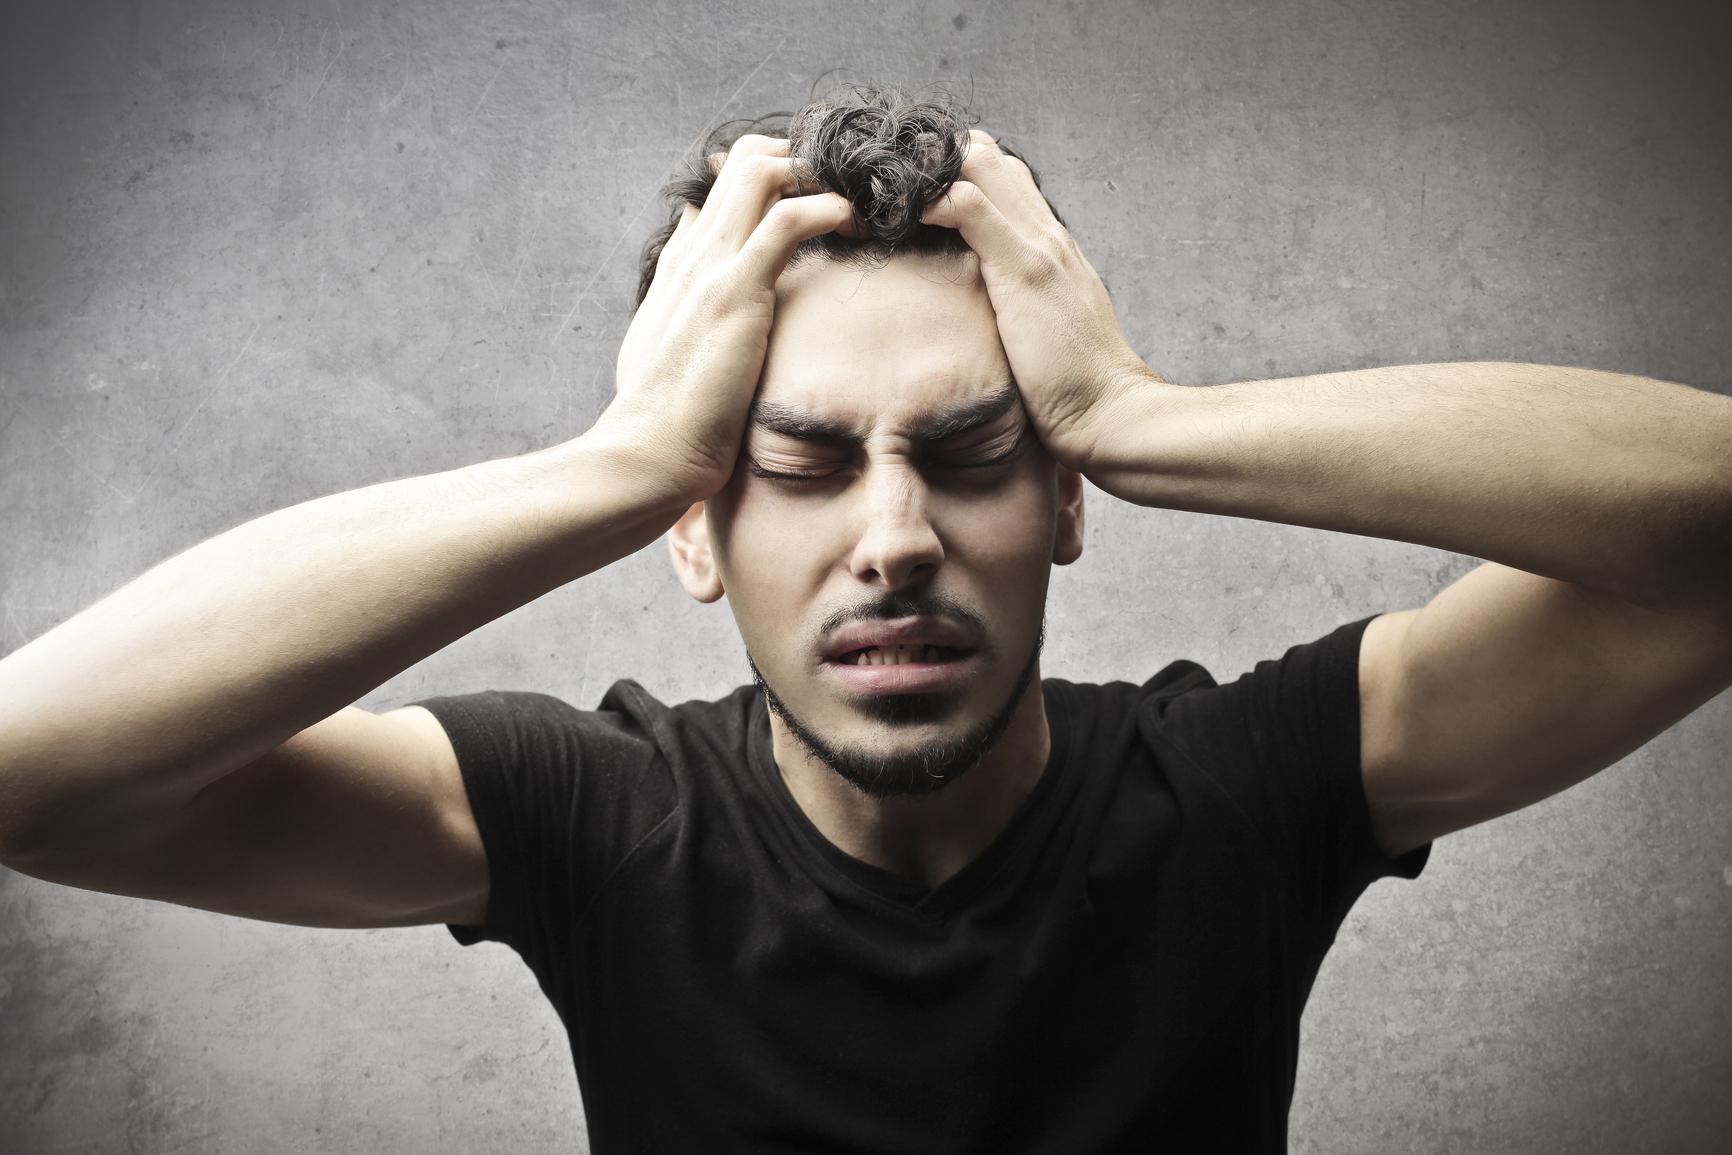 Đột quỵ não ngày càng trẻ hóa chỉ vì 6 nguyên nhân người trẻ nào cũng mắc phải - Ảnh 3.